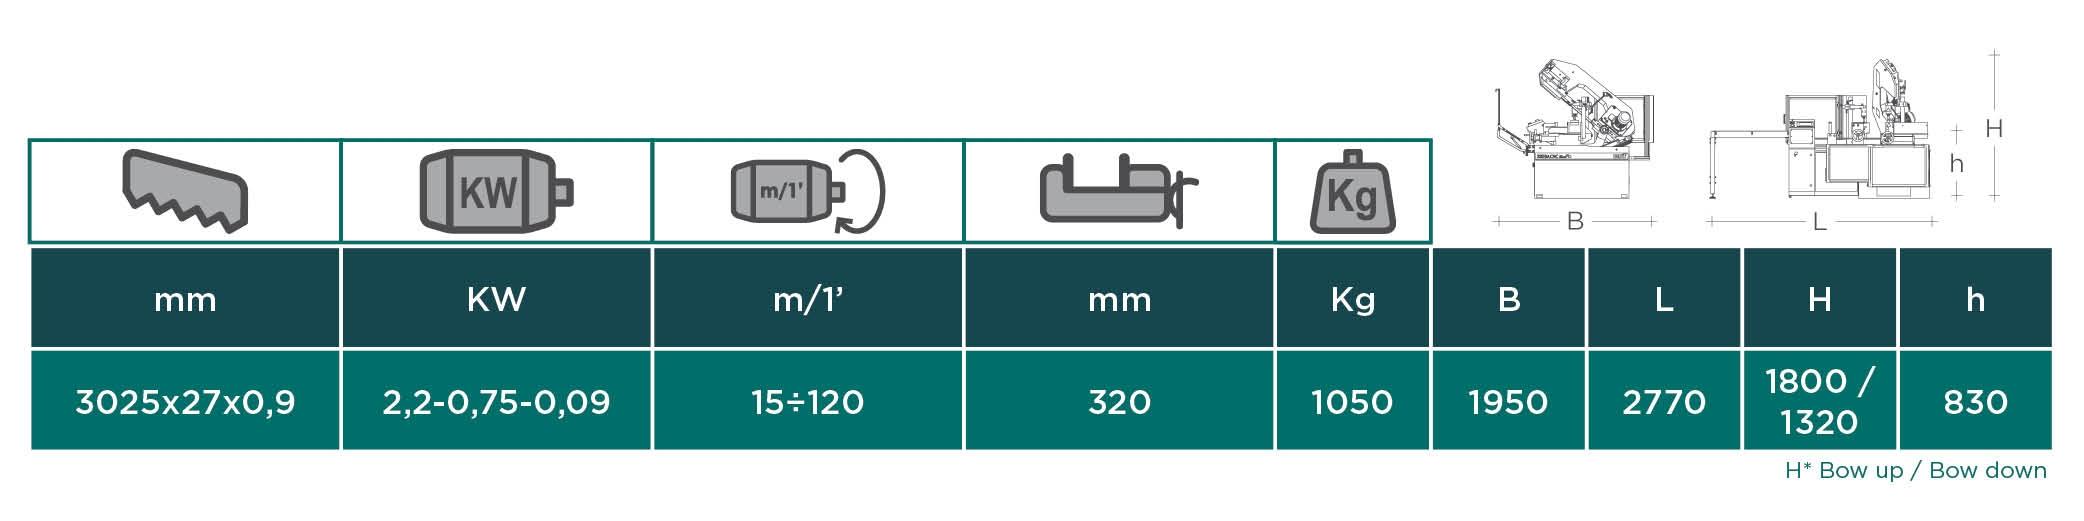 Carif bandsaegen automatische mit vollhydraulischen systemen 320 BA CNC TOUCH